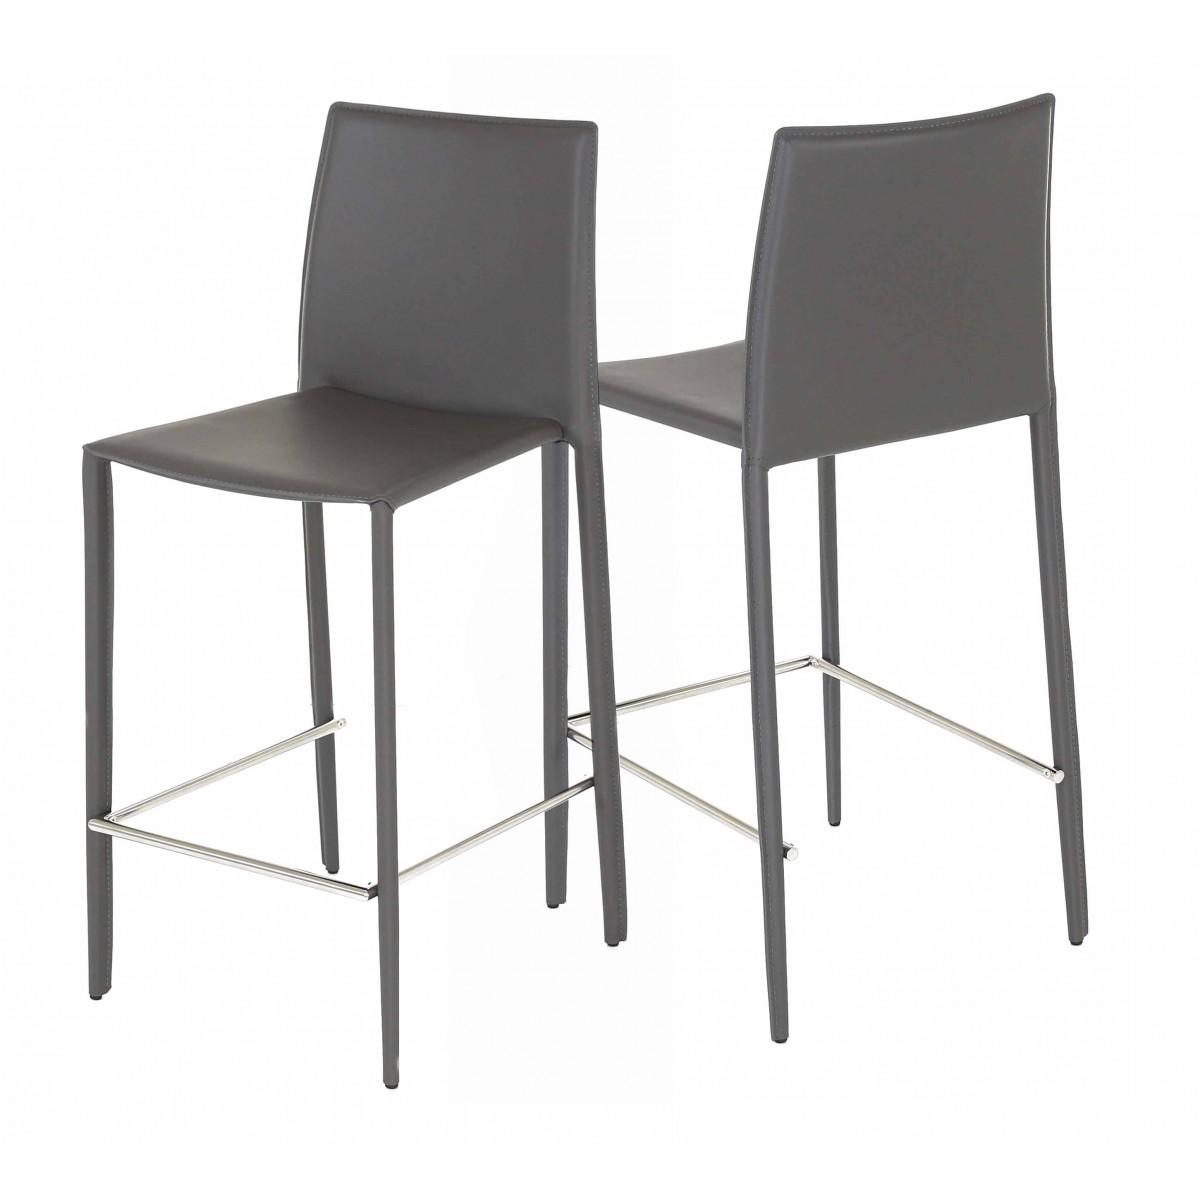 Chaise de bar grise